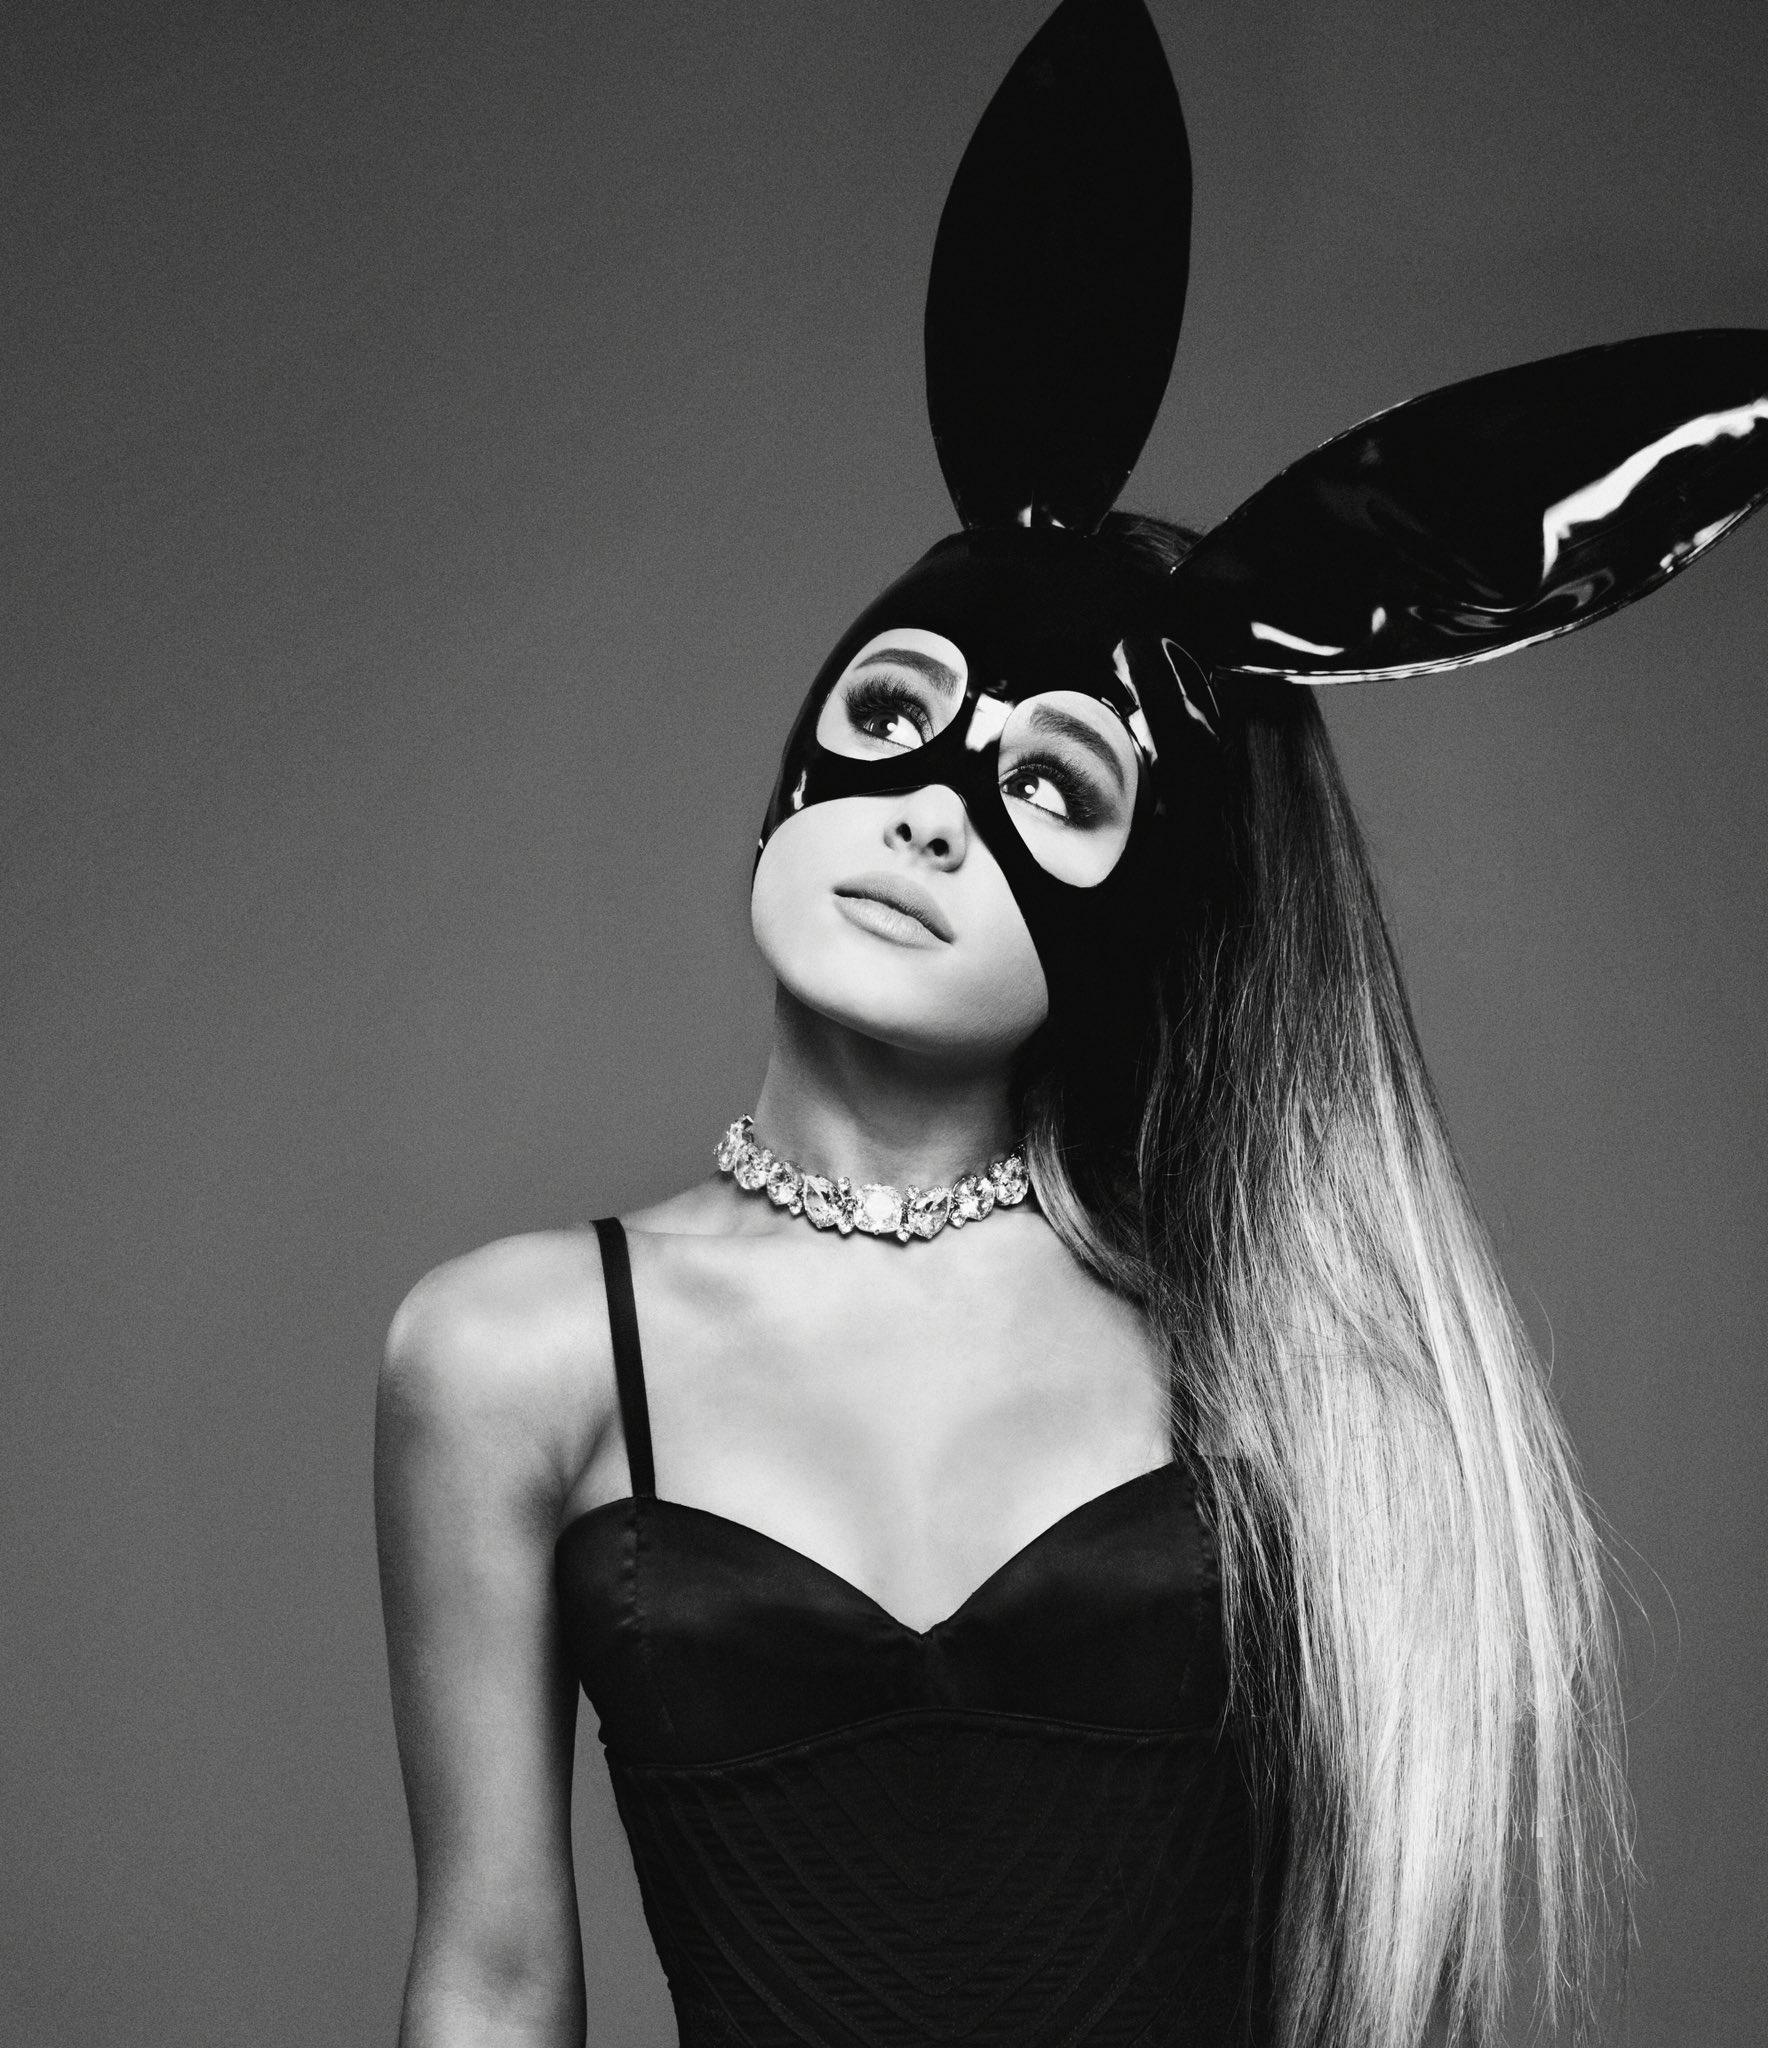 Ariana Grande ngay càng quyết liệt trong việc thay đổi phong cách.